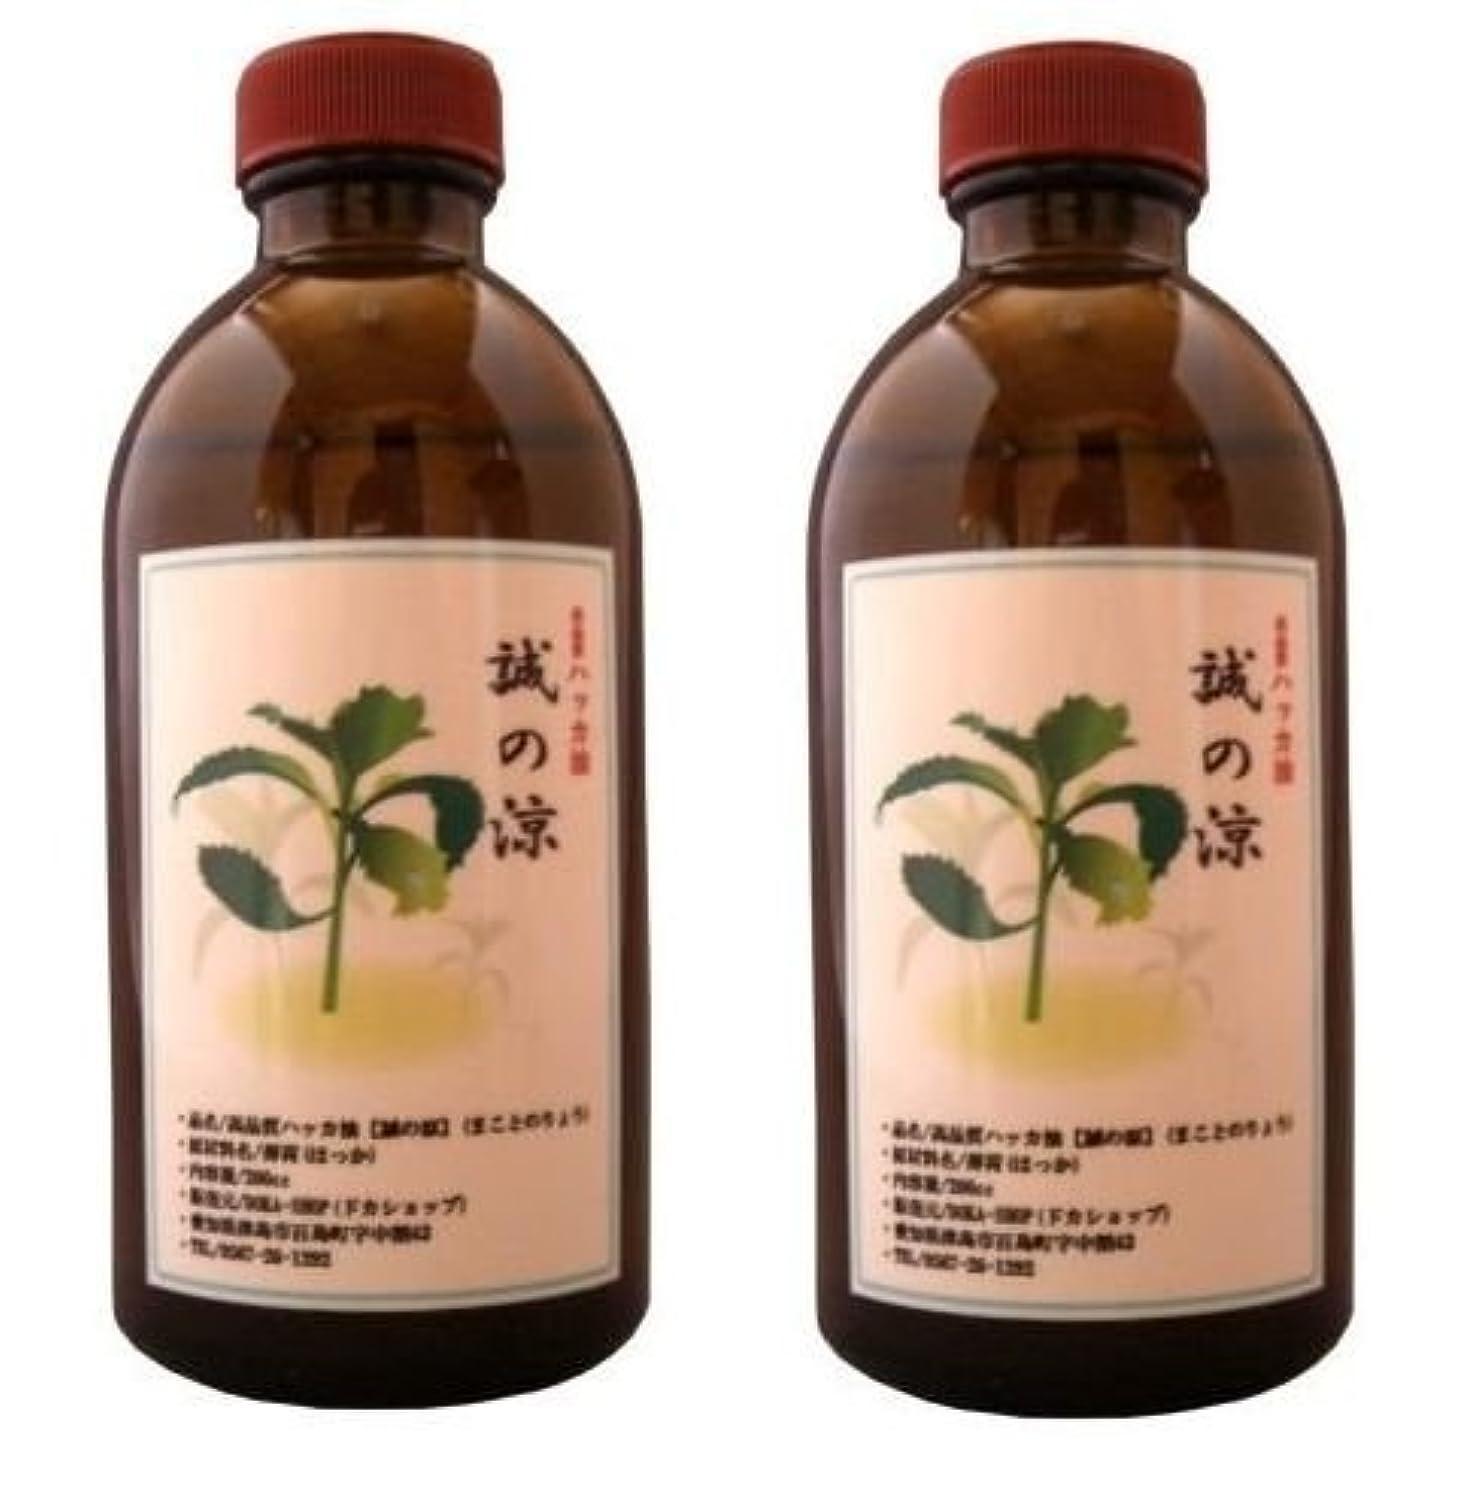 睡眠肩をすくめる覗くDOKA-SHOP 高品質ハッカ精油100%【誠の涼(まことのりょう)】日本国内加工精製 たっぷり使えてバツグンの爽快感 200cc×2本セット